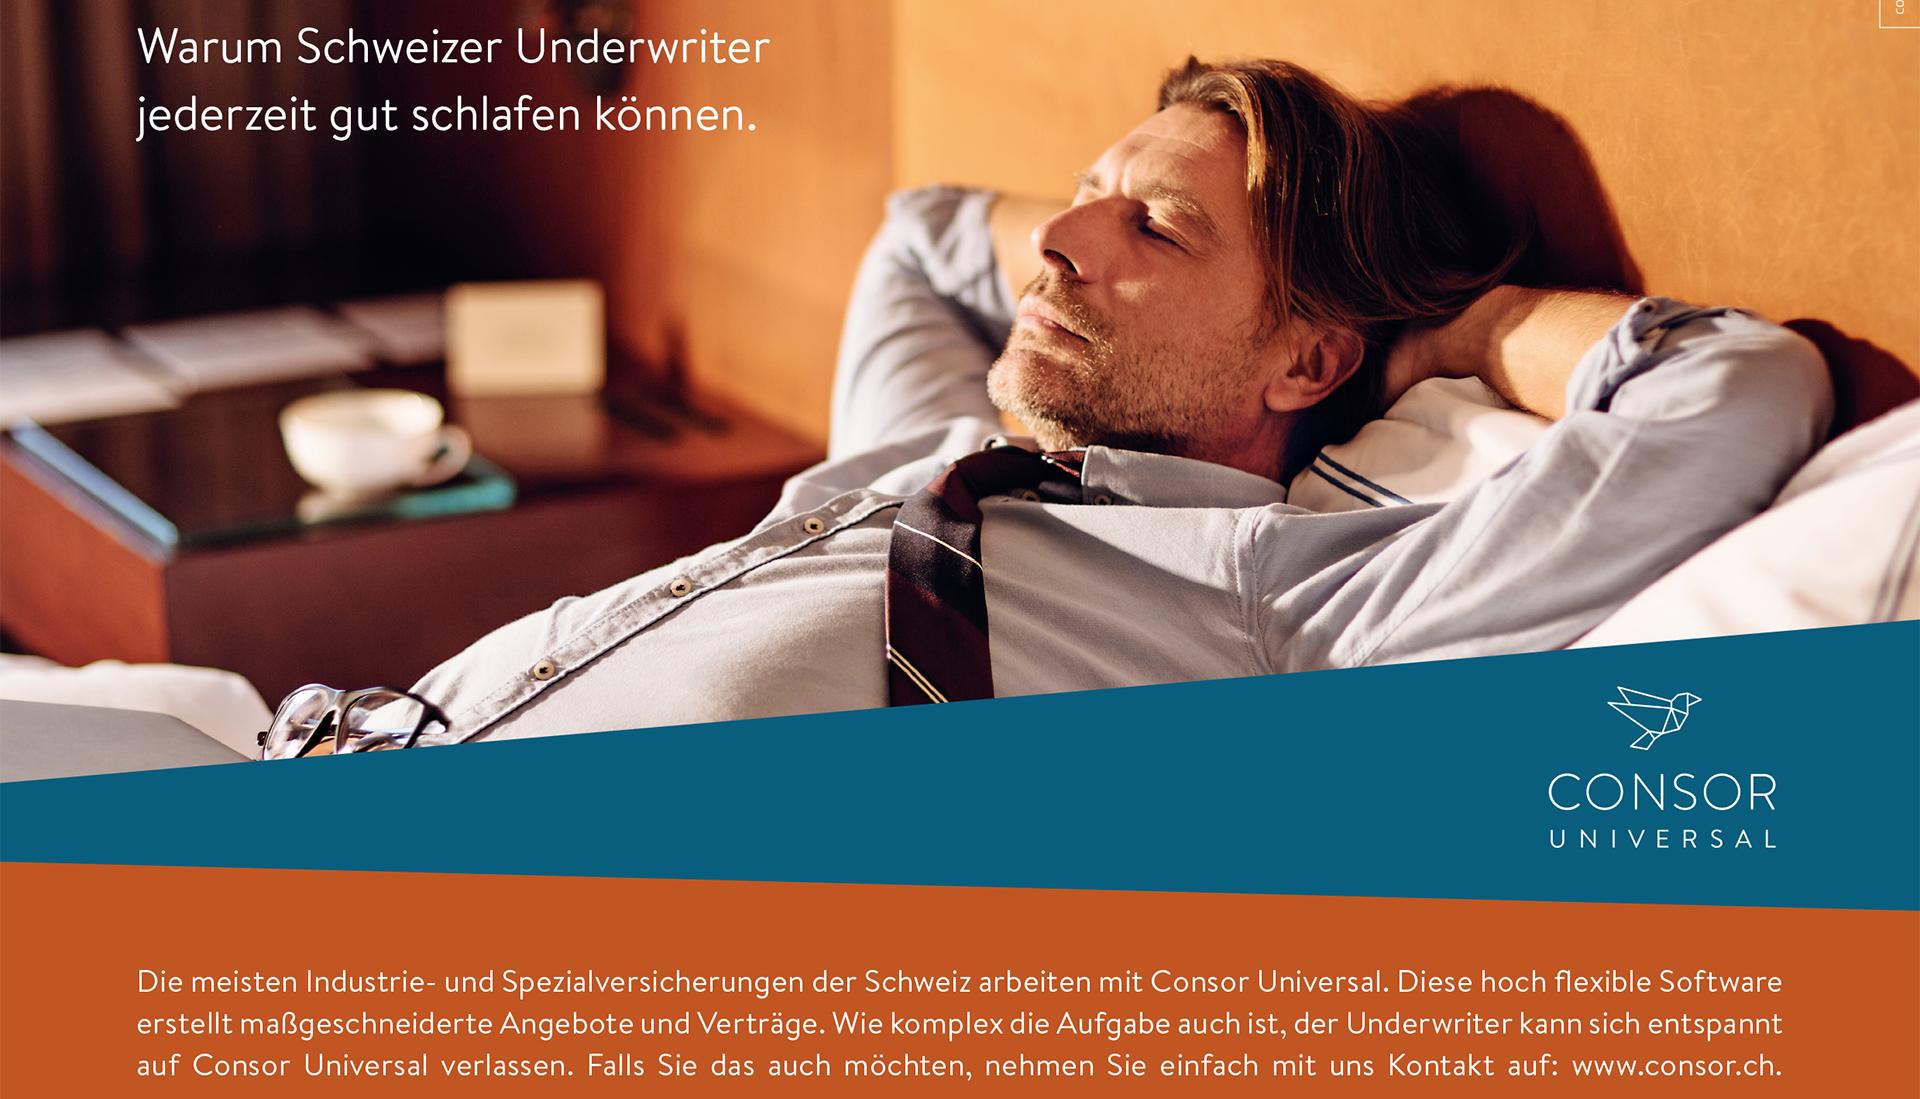 Warum Schweizer Underwriter Jederzeit Gut Schlafen Können